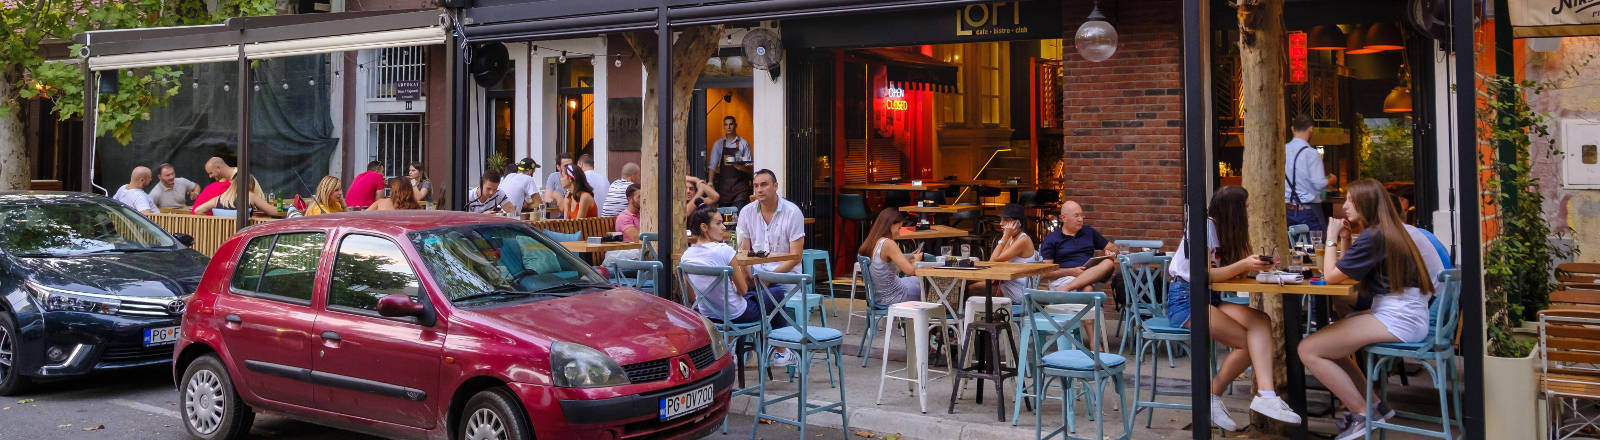 Ein Biergarten an einer Straße